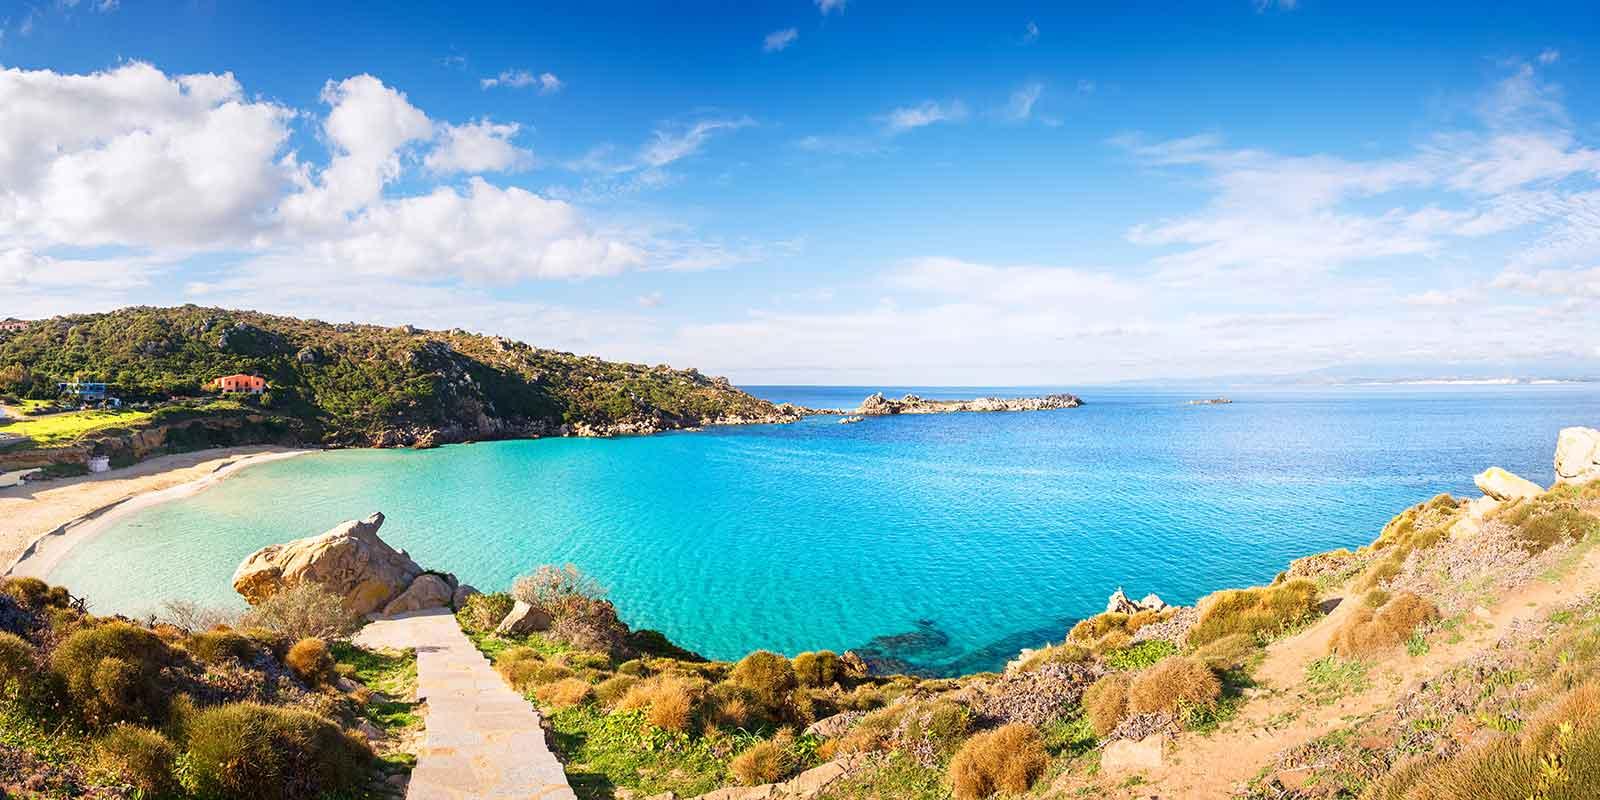 View over Santa Teresa beach in Sardinia